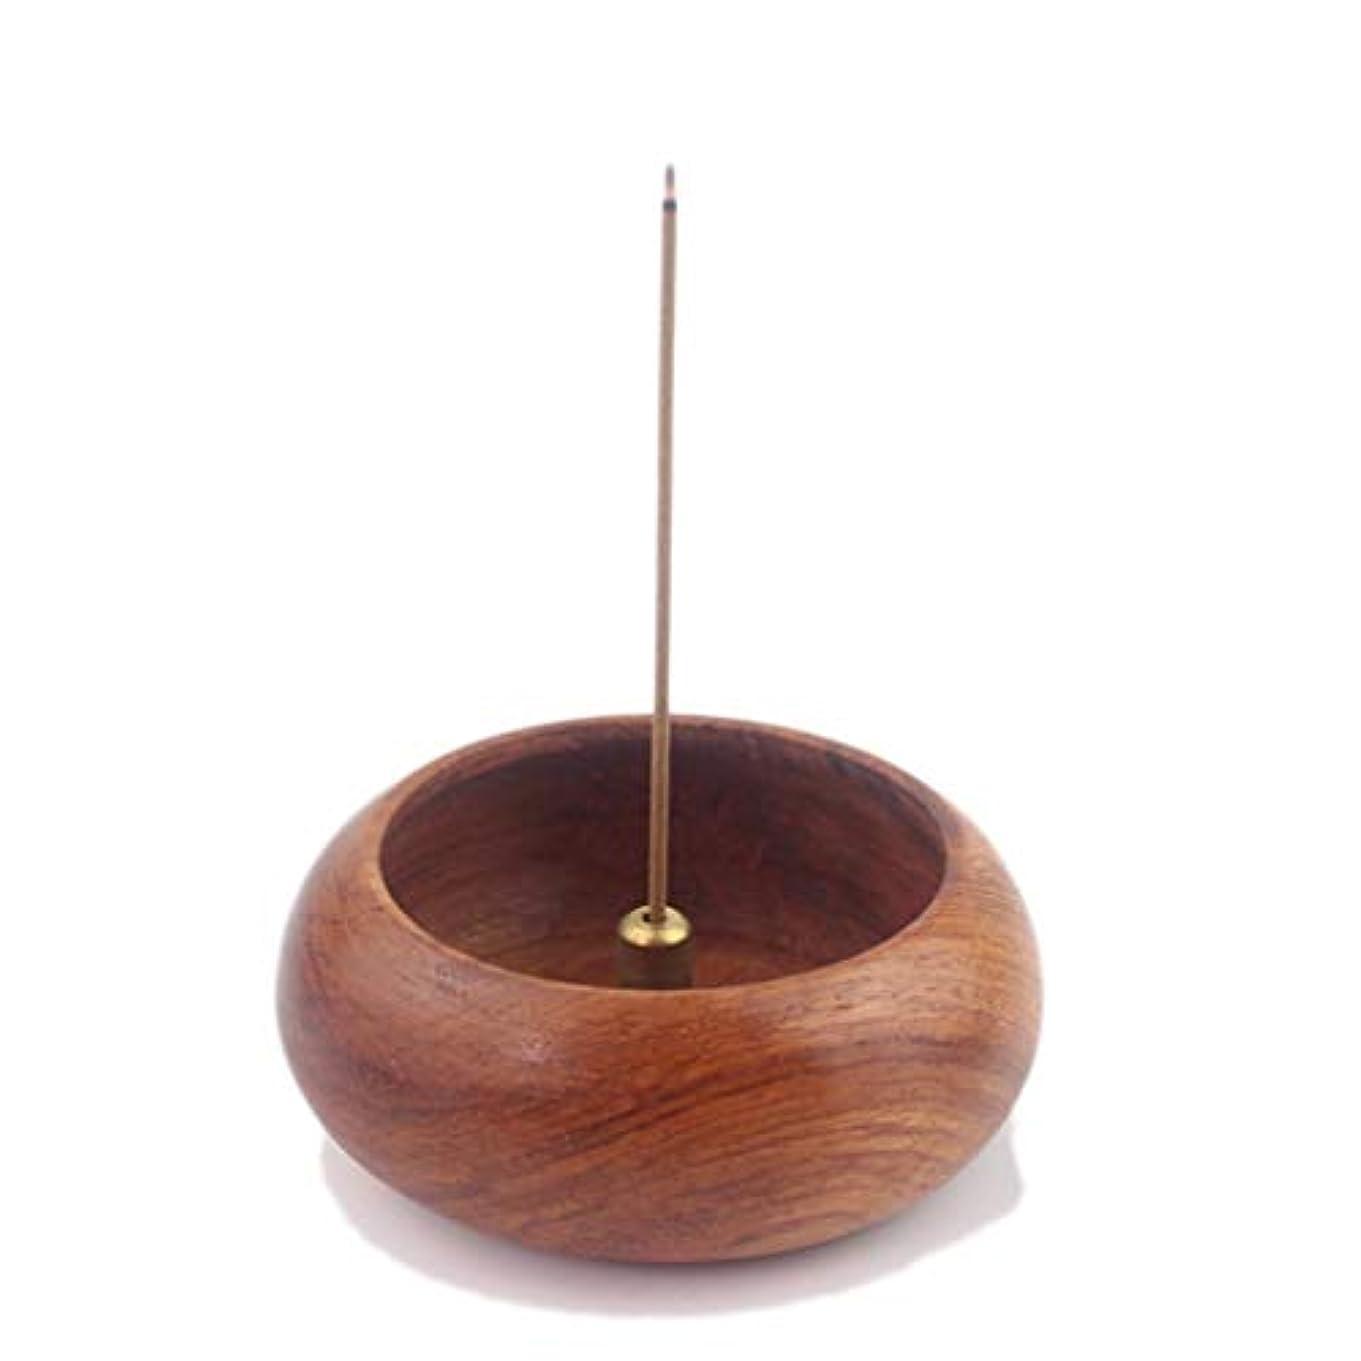 土地打撃家ローズウッドボウル型香炉ホルダーキャンドルアロマセラピー炉香ホルダーホームリビングルーム香バーナー装飾 芳香器?アロマバーナー (Color : Wood, サイズ : 6.2*2.4cm)